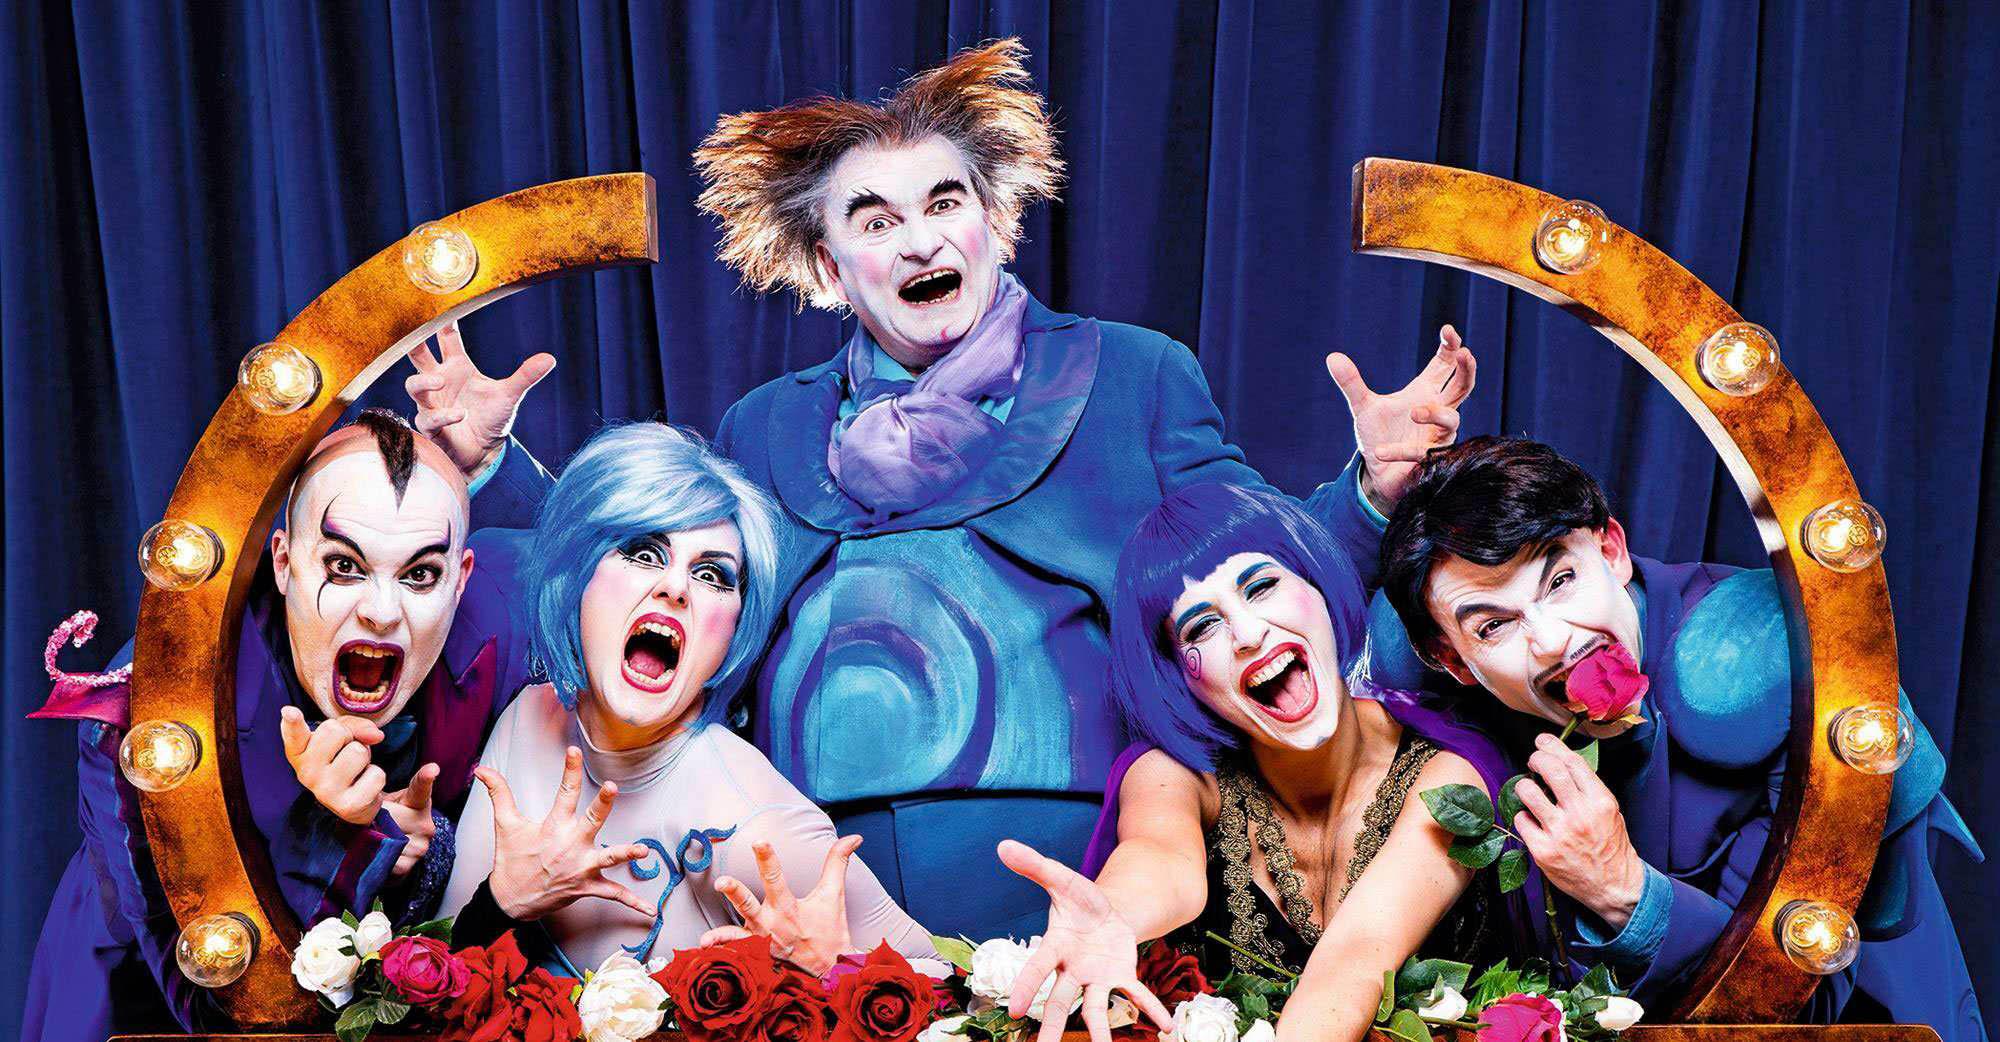 'The Ópera locos' y el musical 'Naviland', protagonistas del fin de semana